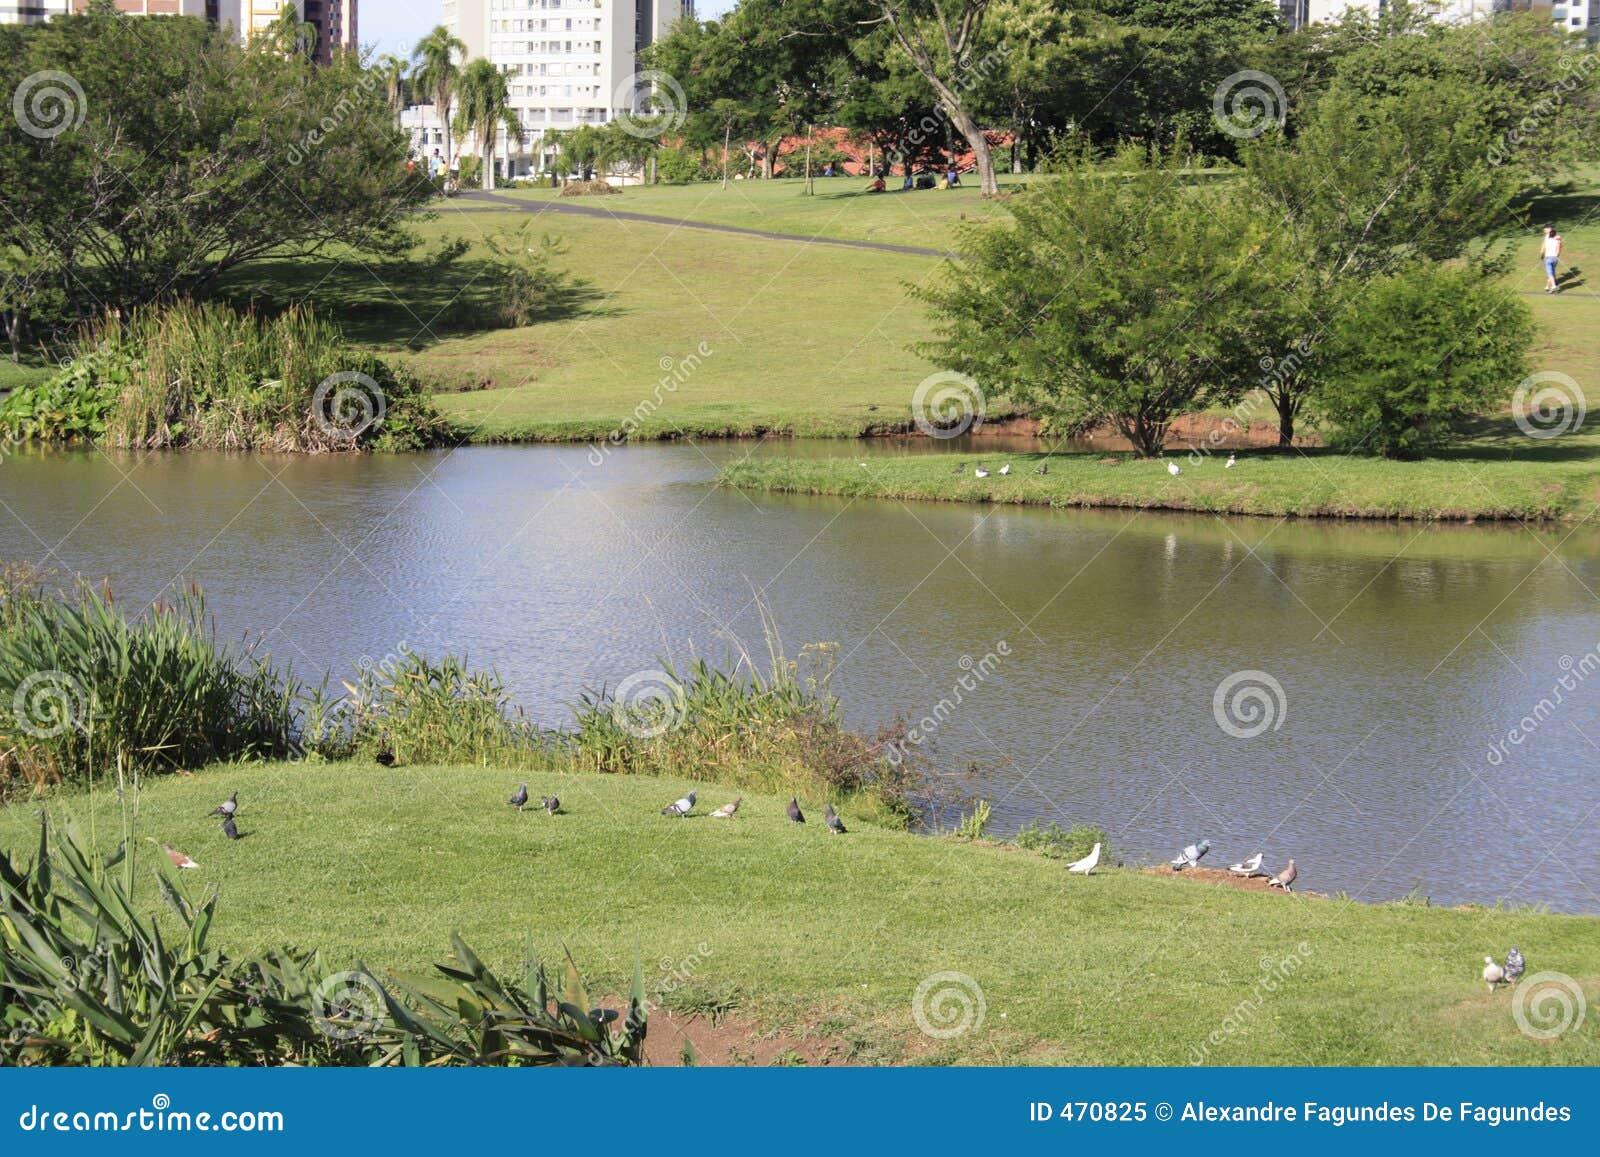 Download Botanical Gardens Curitiba Brazil Stock Image - Image of brasil, lake: 470825